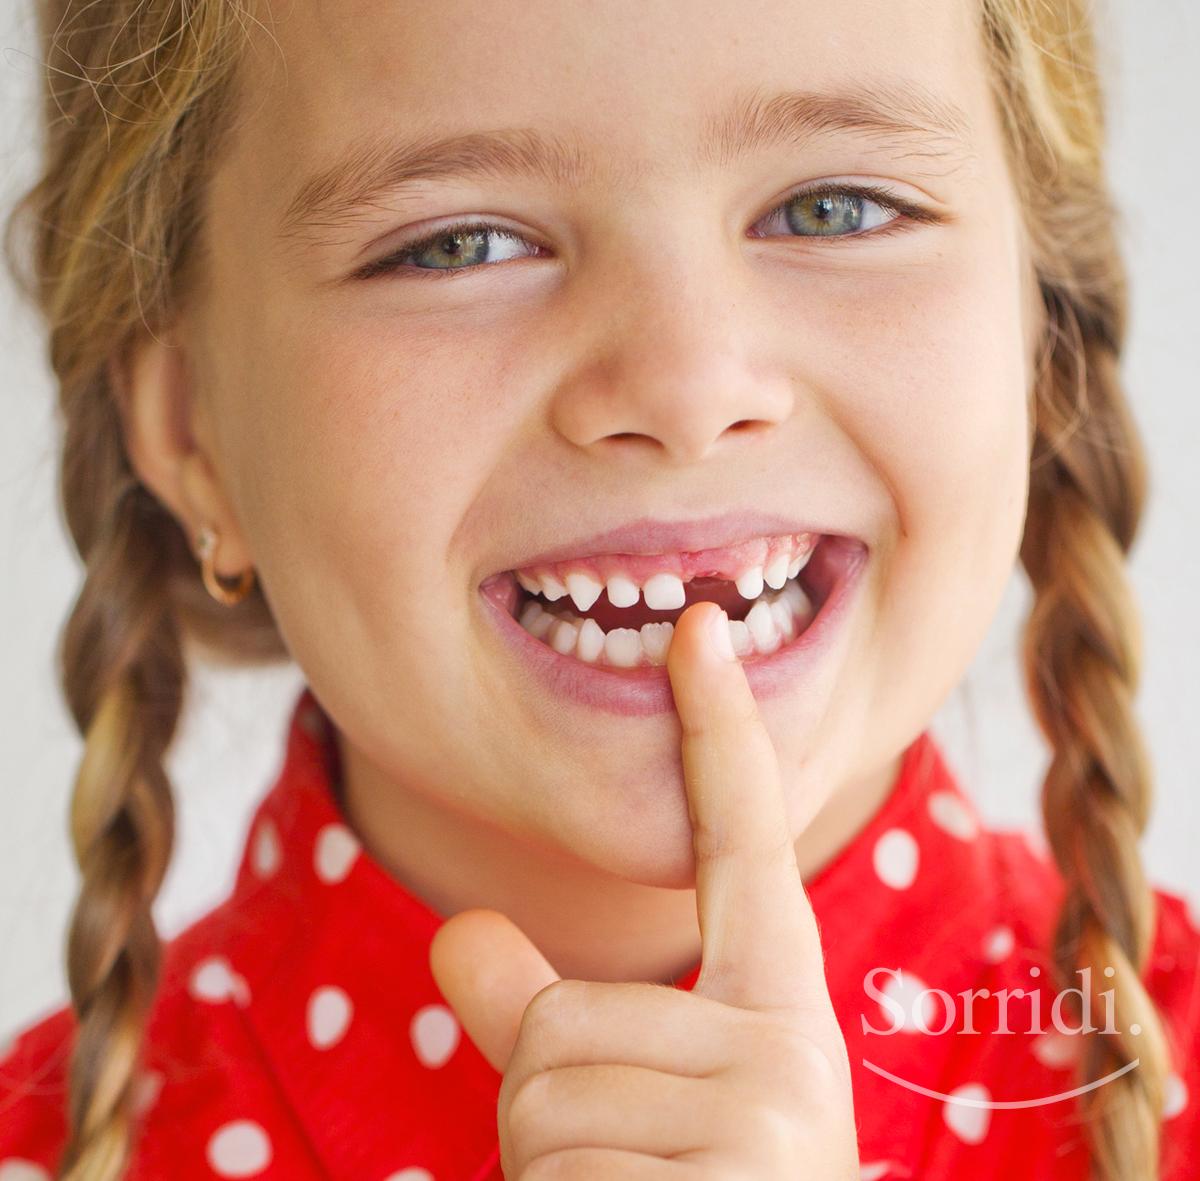 sorridi-ch-magazine-dentista-locarno-denti-da-latte-bambini